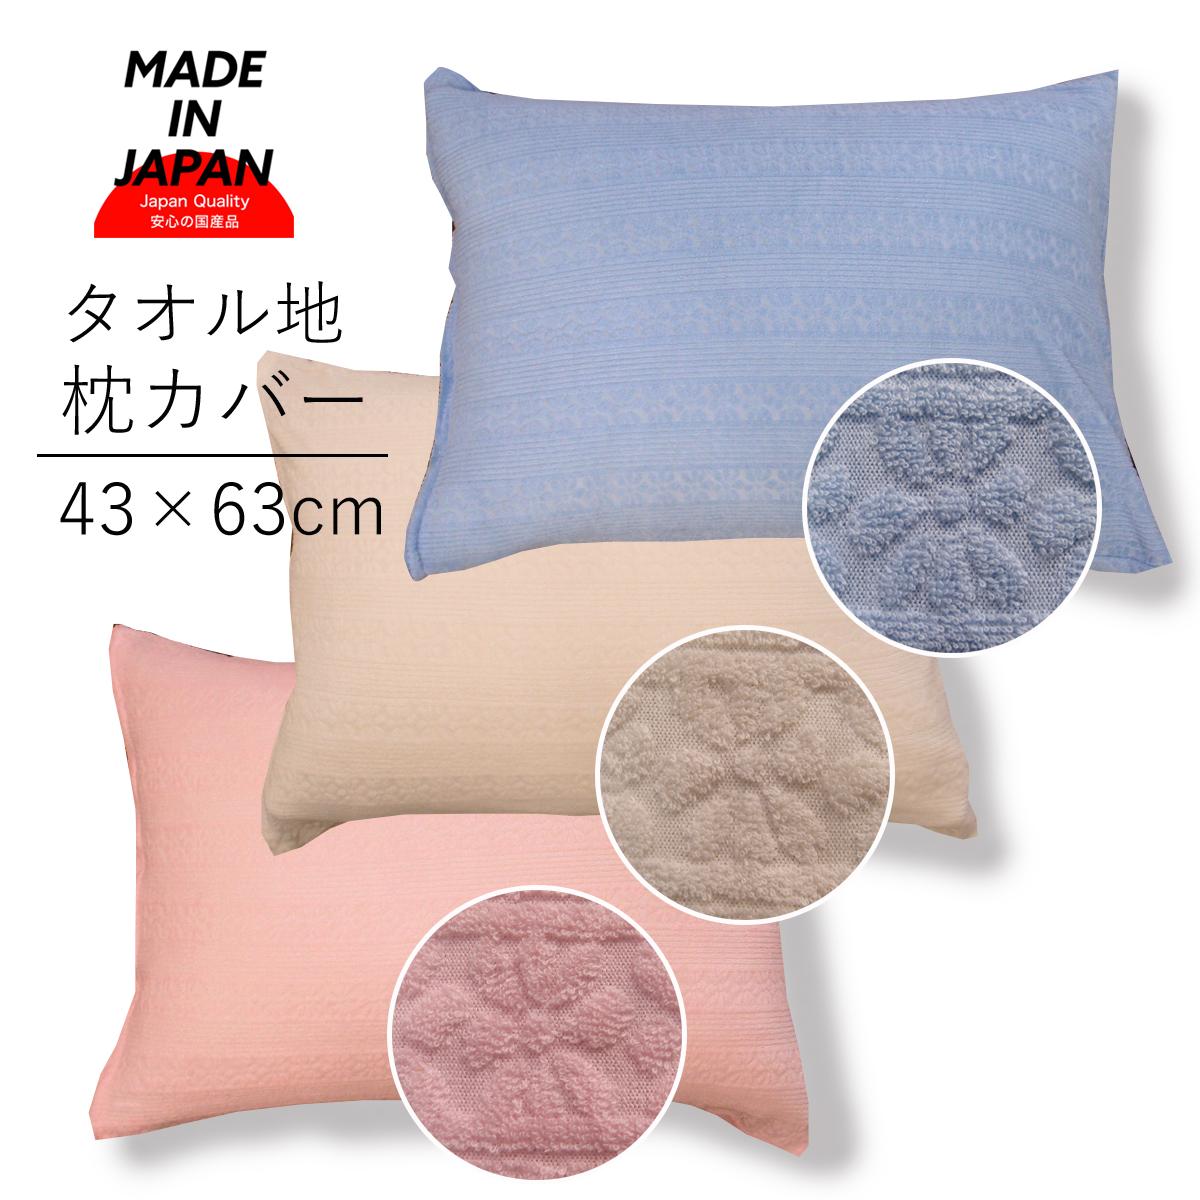 枕カバー 43×63 日本製 タオル地 ピローケース パイル 無地 まくらカバー 枕 カバー 枕カバー タオル地 パイル 43×63cm ジャガードパイル ピローケース 日本製 無地 ピンク・ブルー・ベージュ ネコポスにも対応いたします(一口につき1枚までとなります※2枚の場合は2口 3枚以上の場合は宅配便になります)